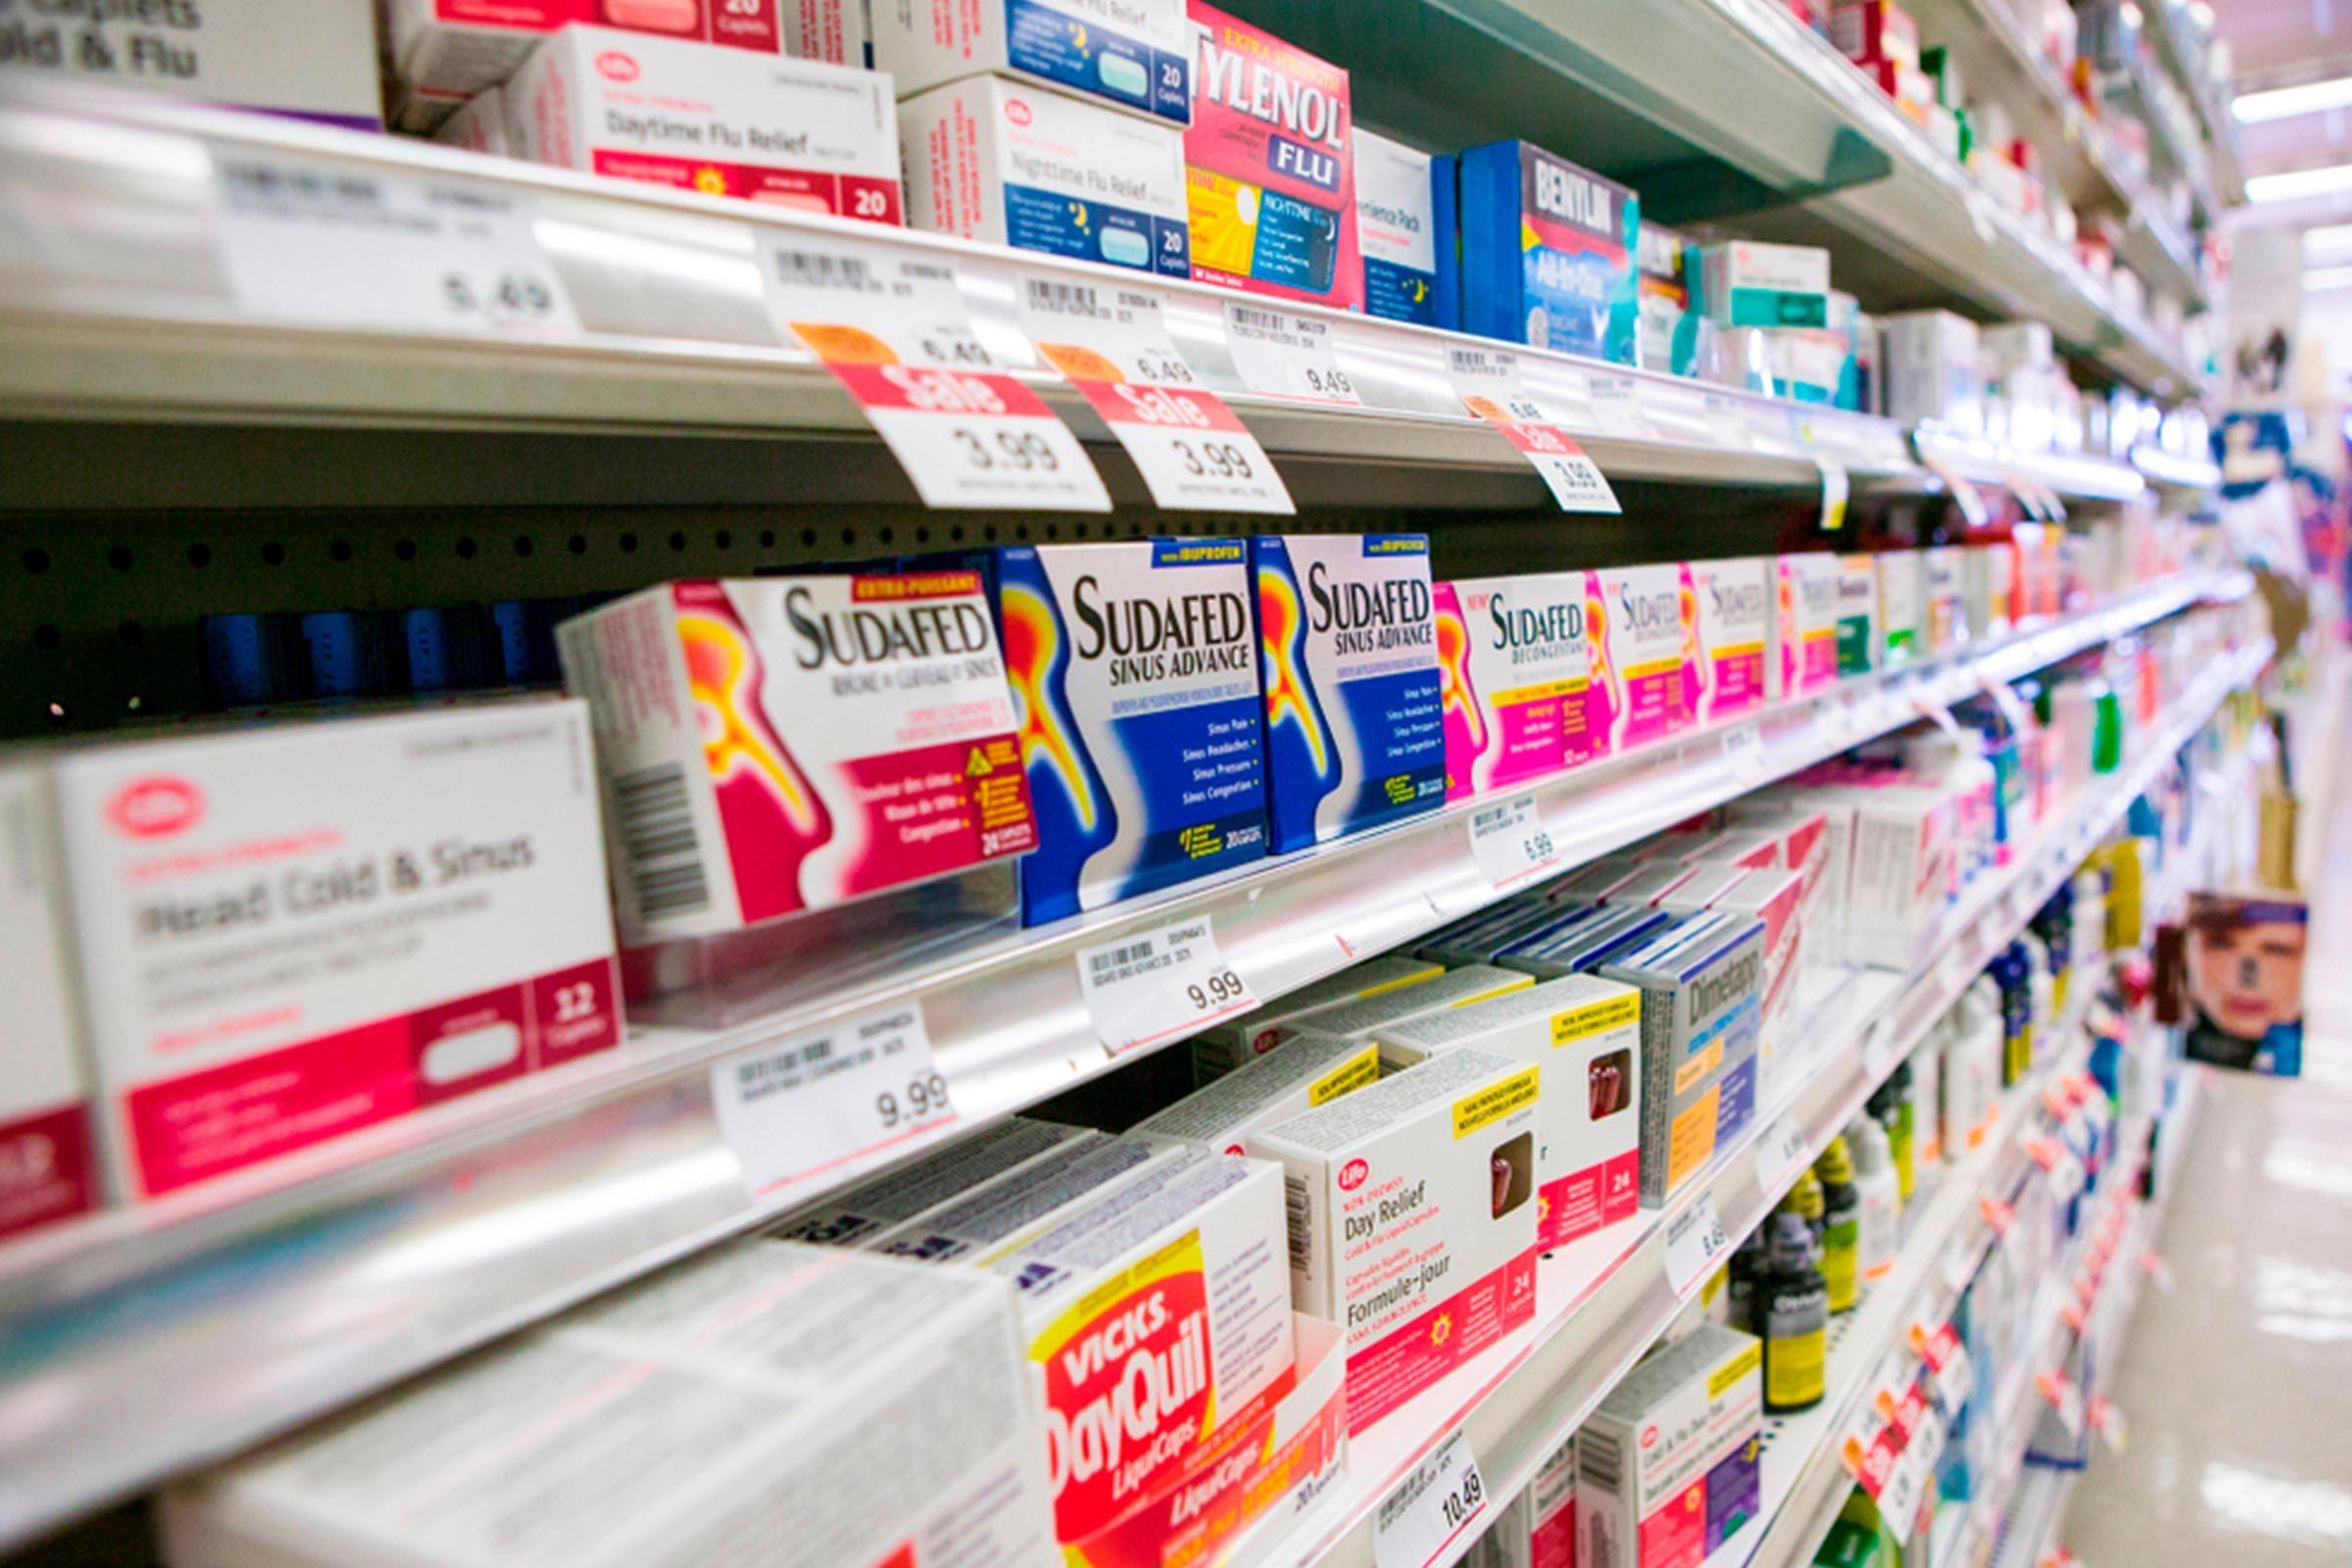 Name brand medicine